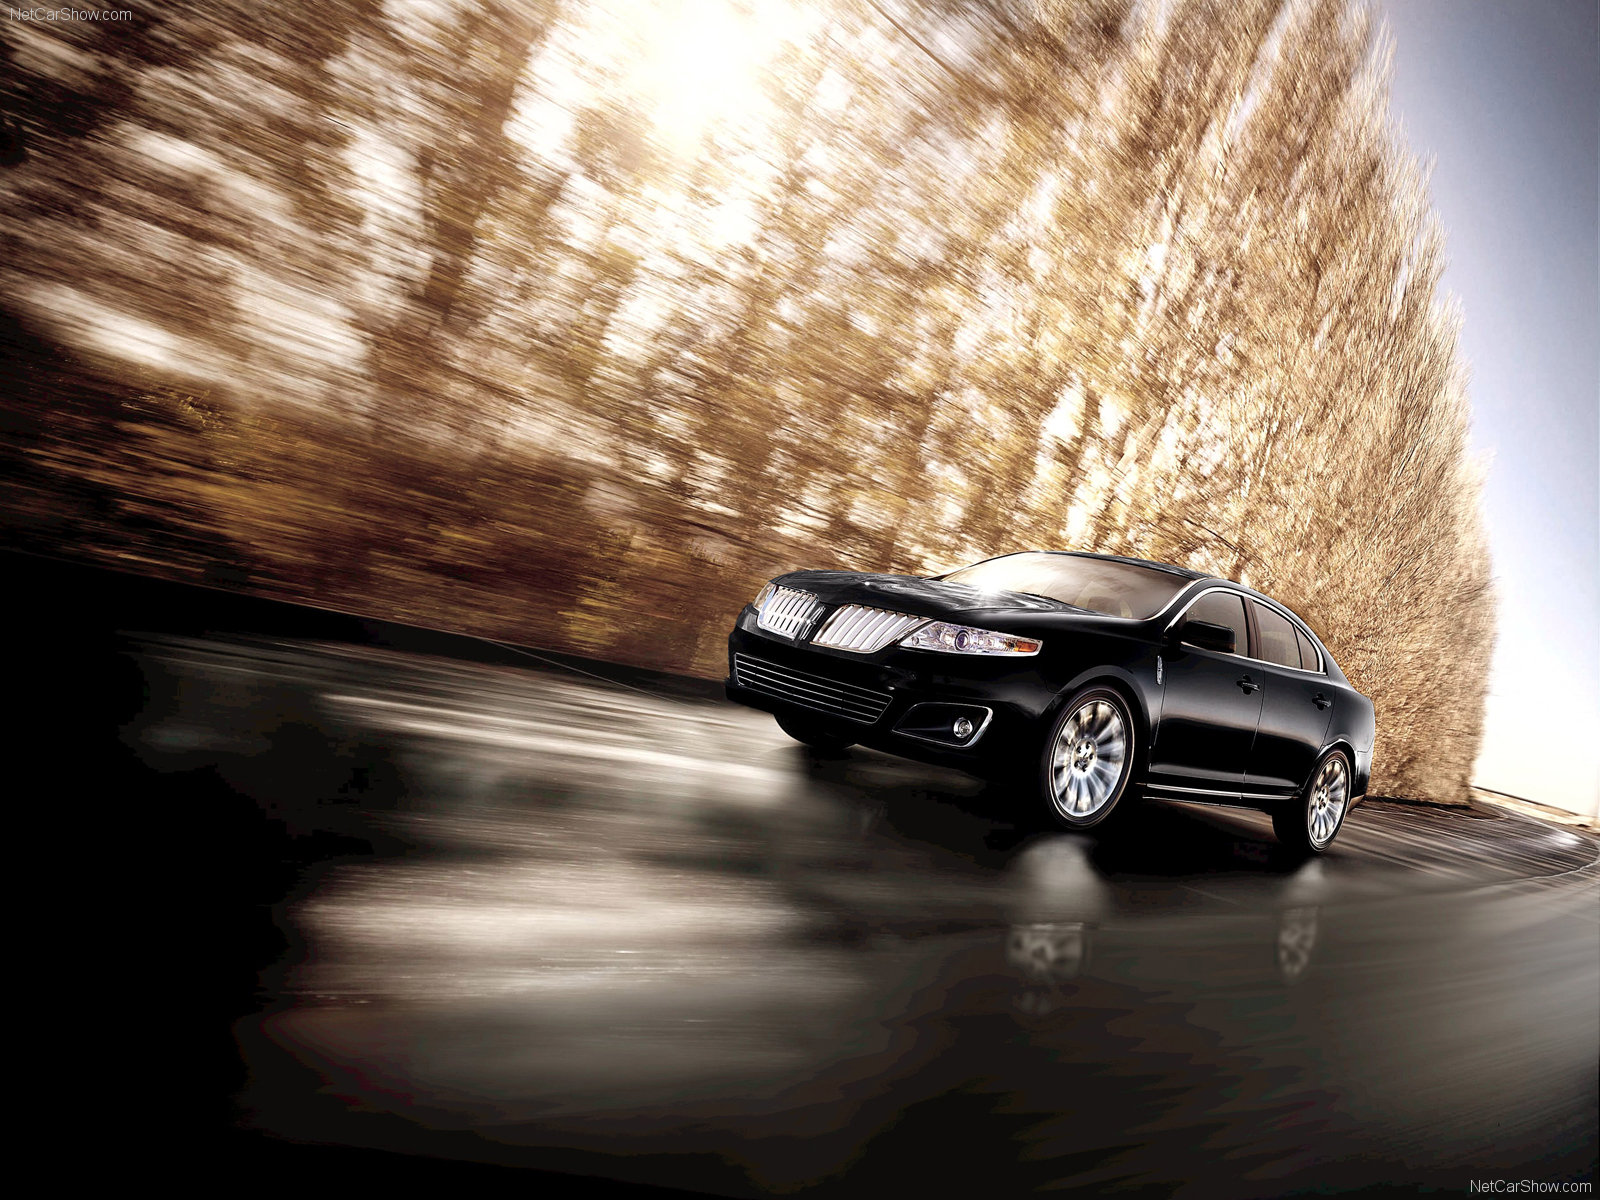 Hình ảnh xe ô tô Lincoln MKS 2009 & nội ngoại thất